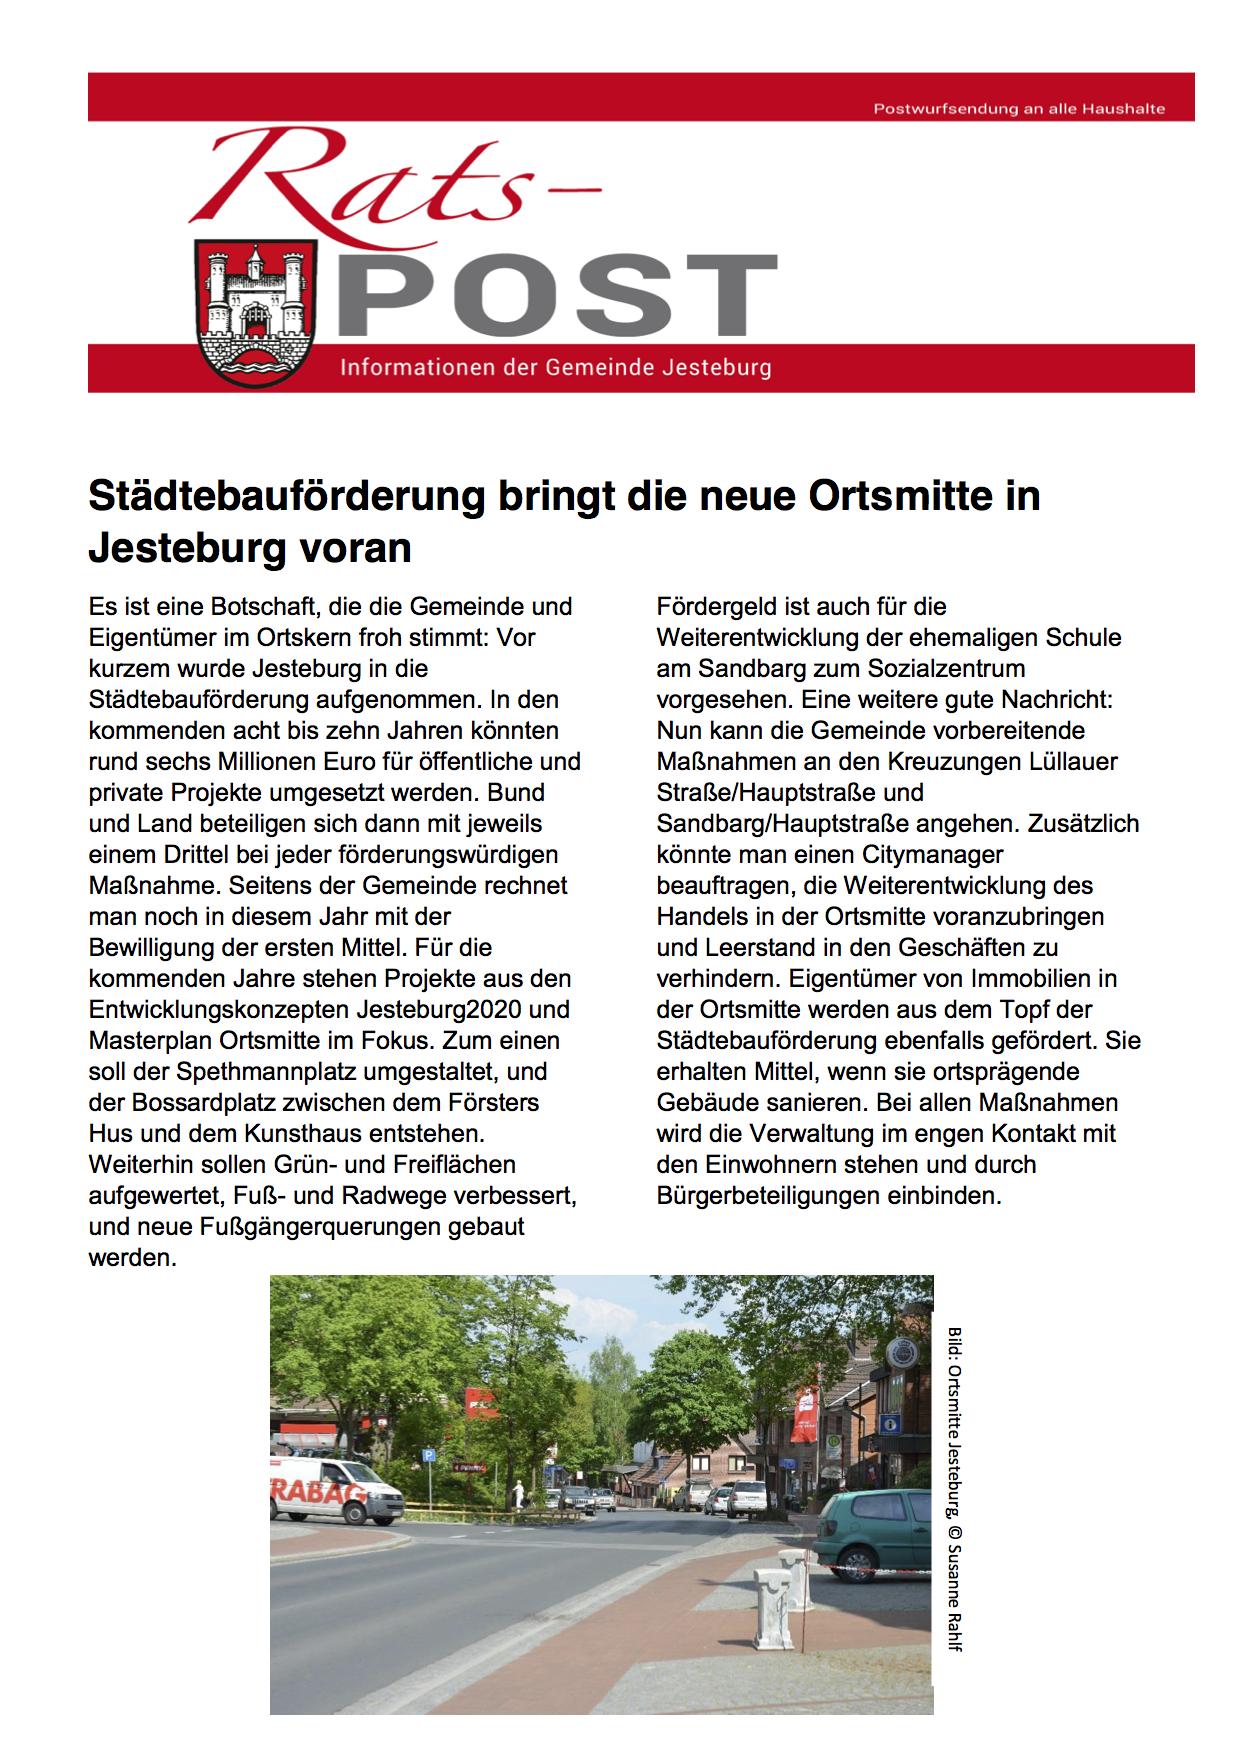 Ratspost - Städtebauliche Förderung